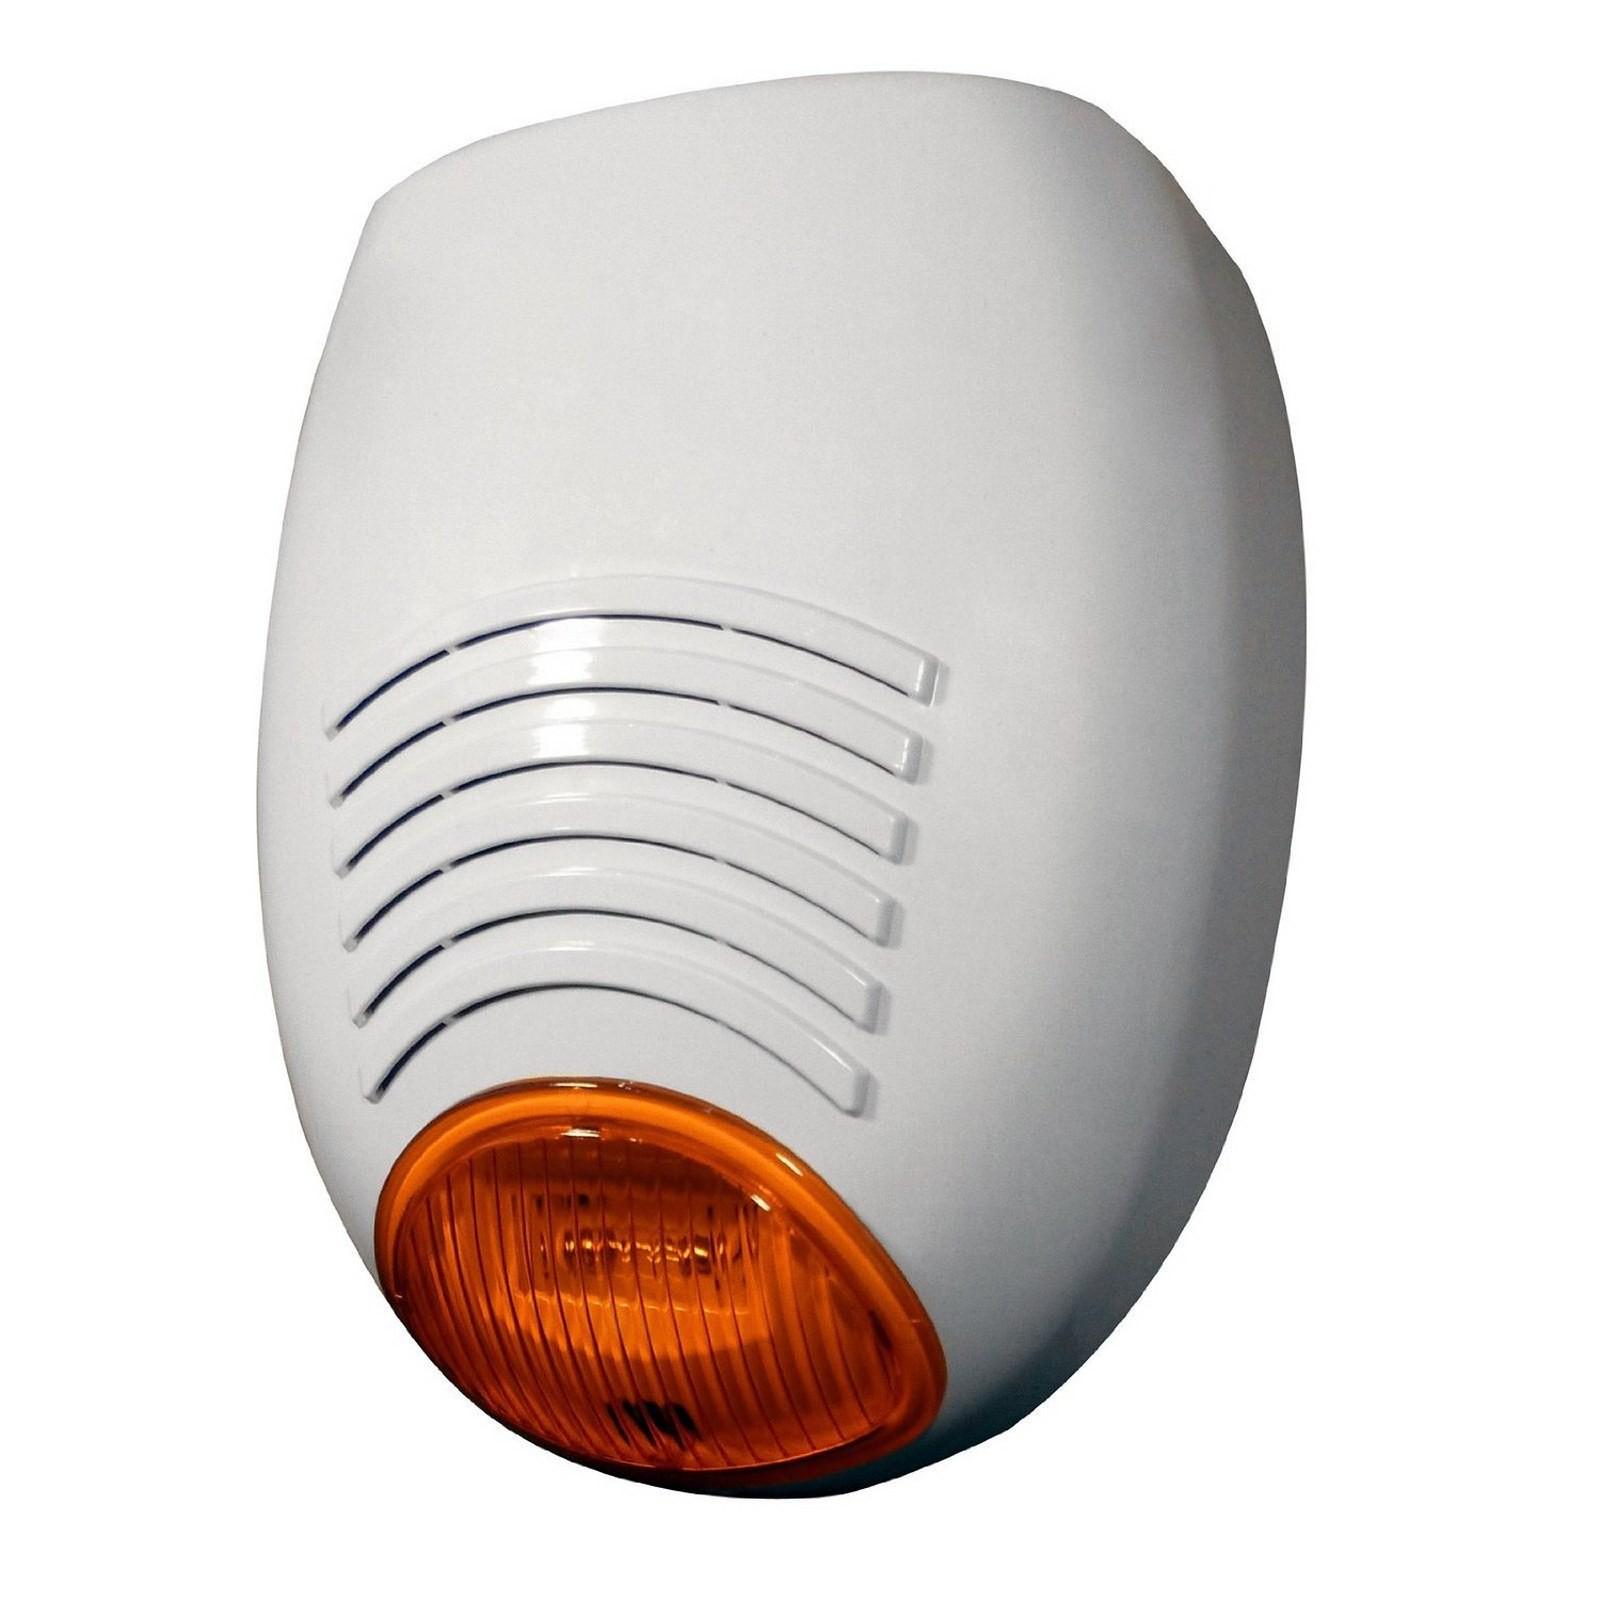 Sirena esterna per allarme autoalimentata lampeggiante amc - Citofono per casa prezzi ...